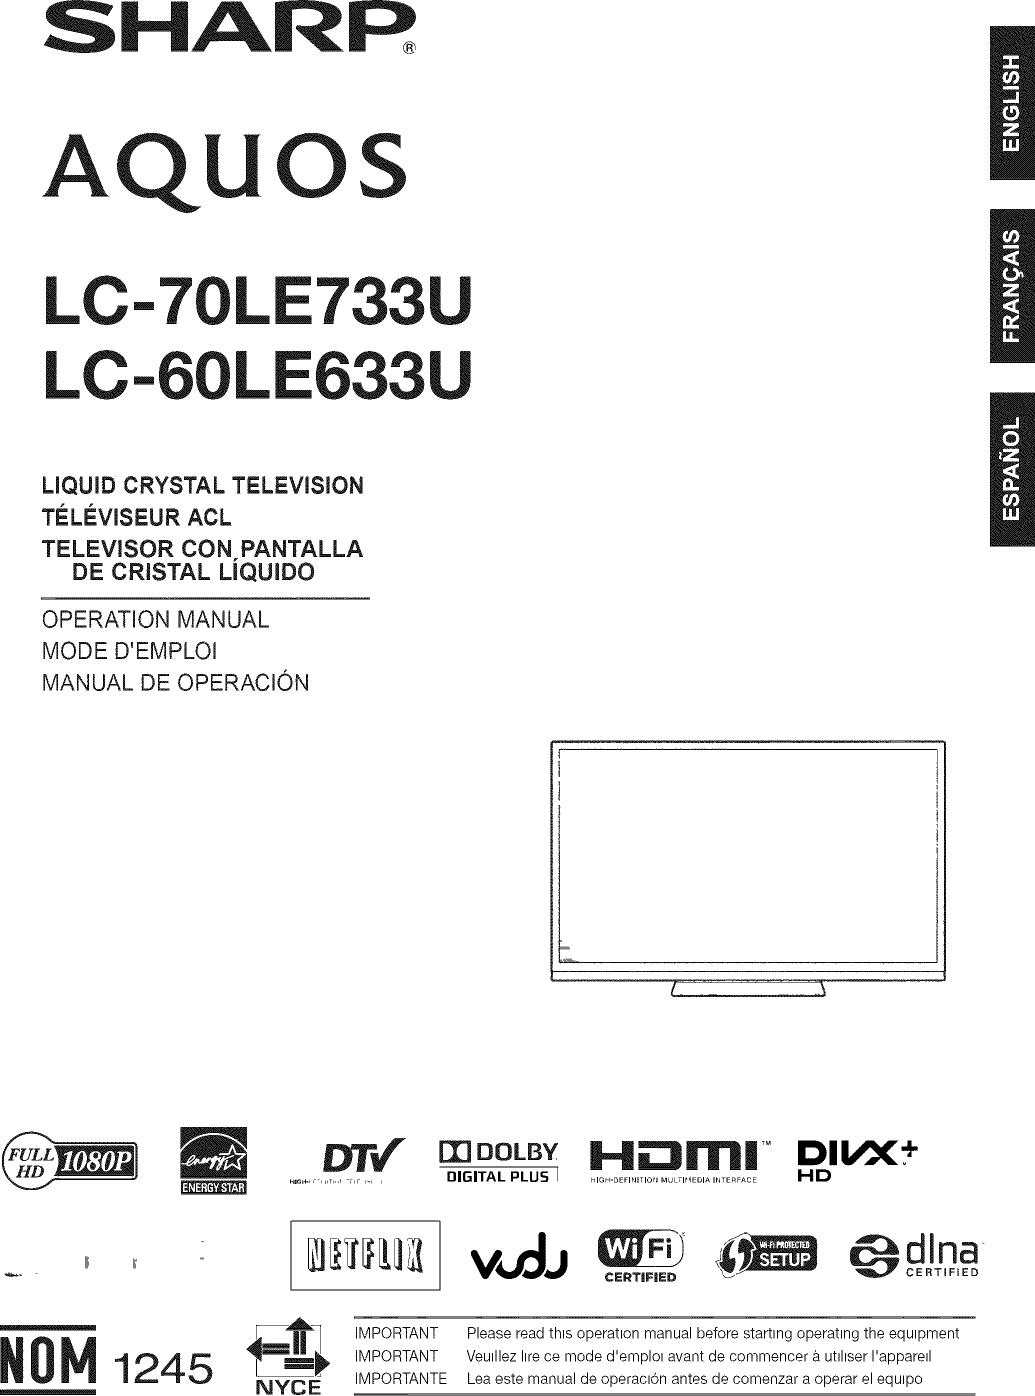 3 Tele Manual Guide